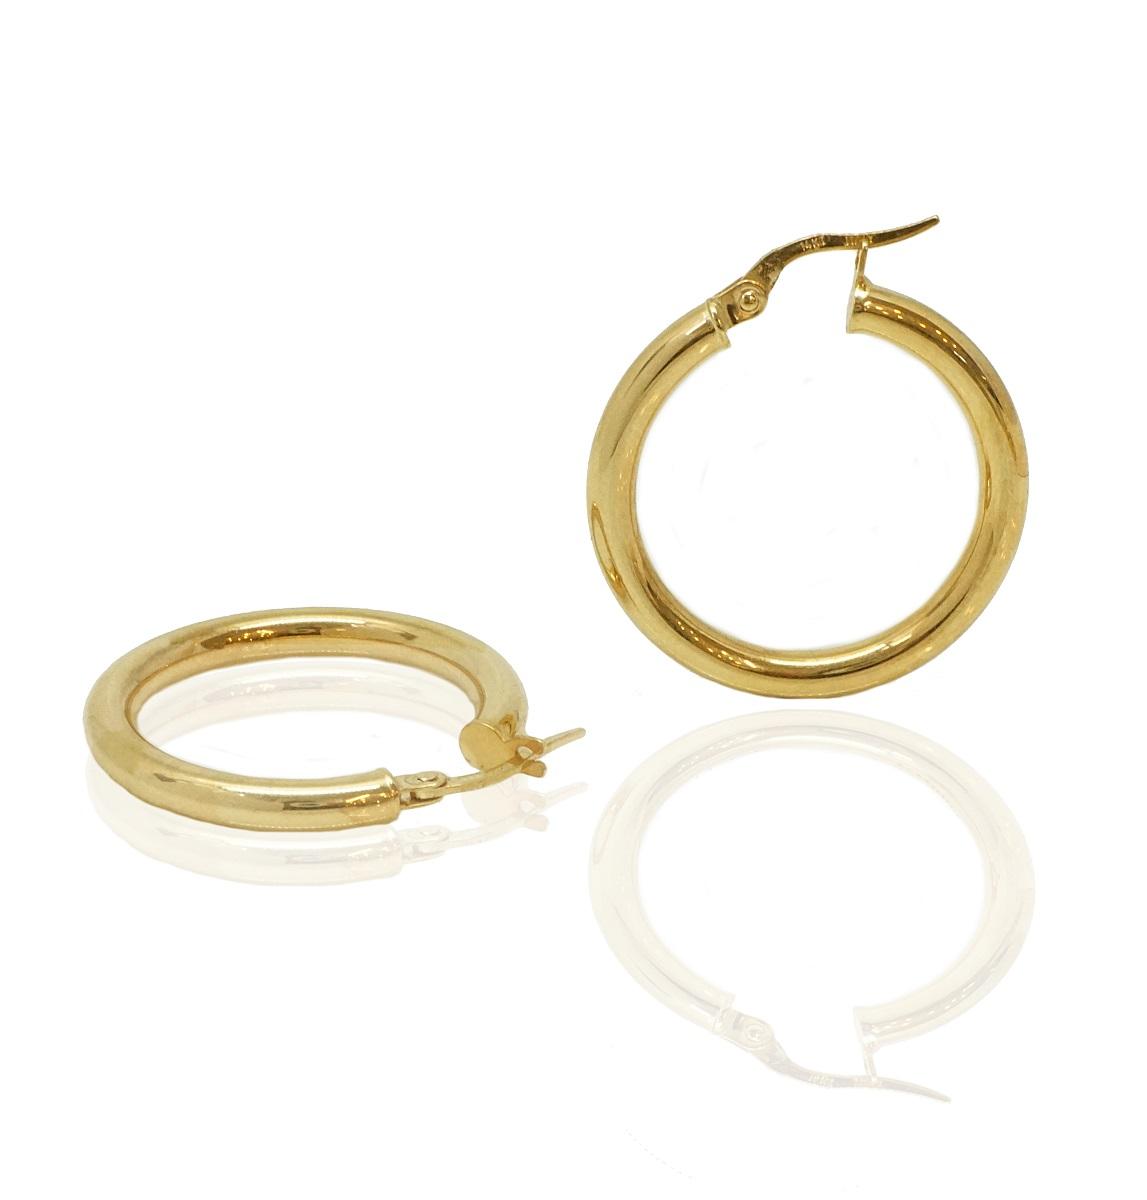 עגילי חישוק זהב חלקים בינוניים 2.6 סמ